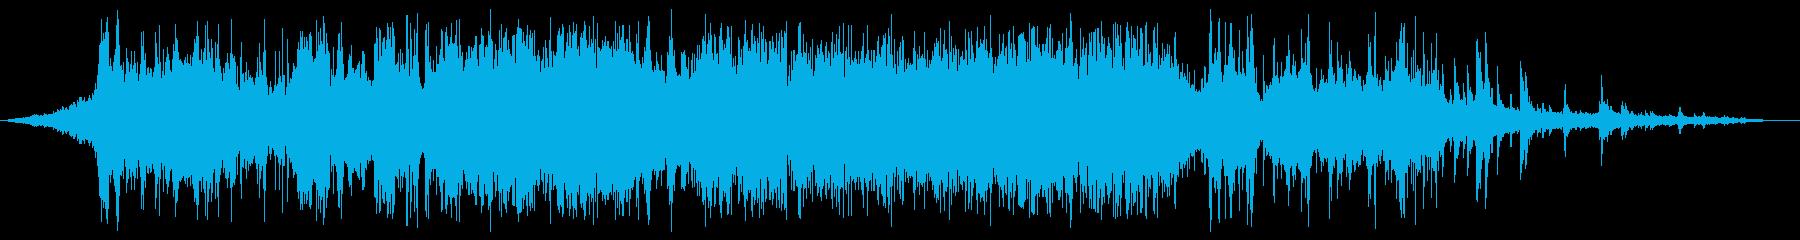 流し台で水を使っている音の再生済みの波形